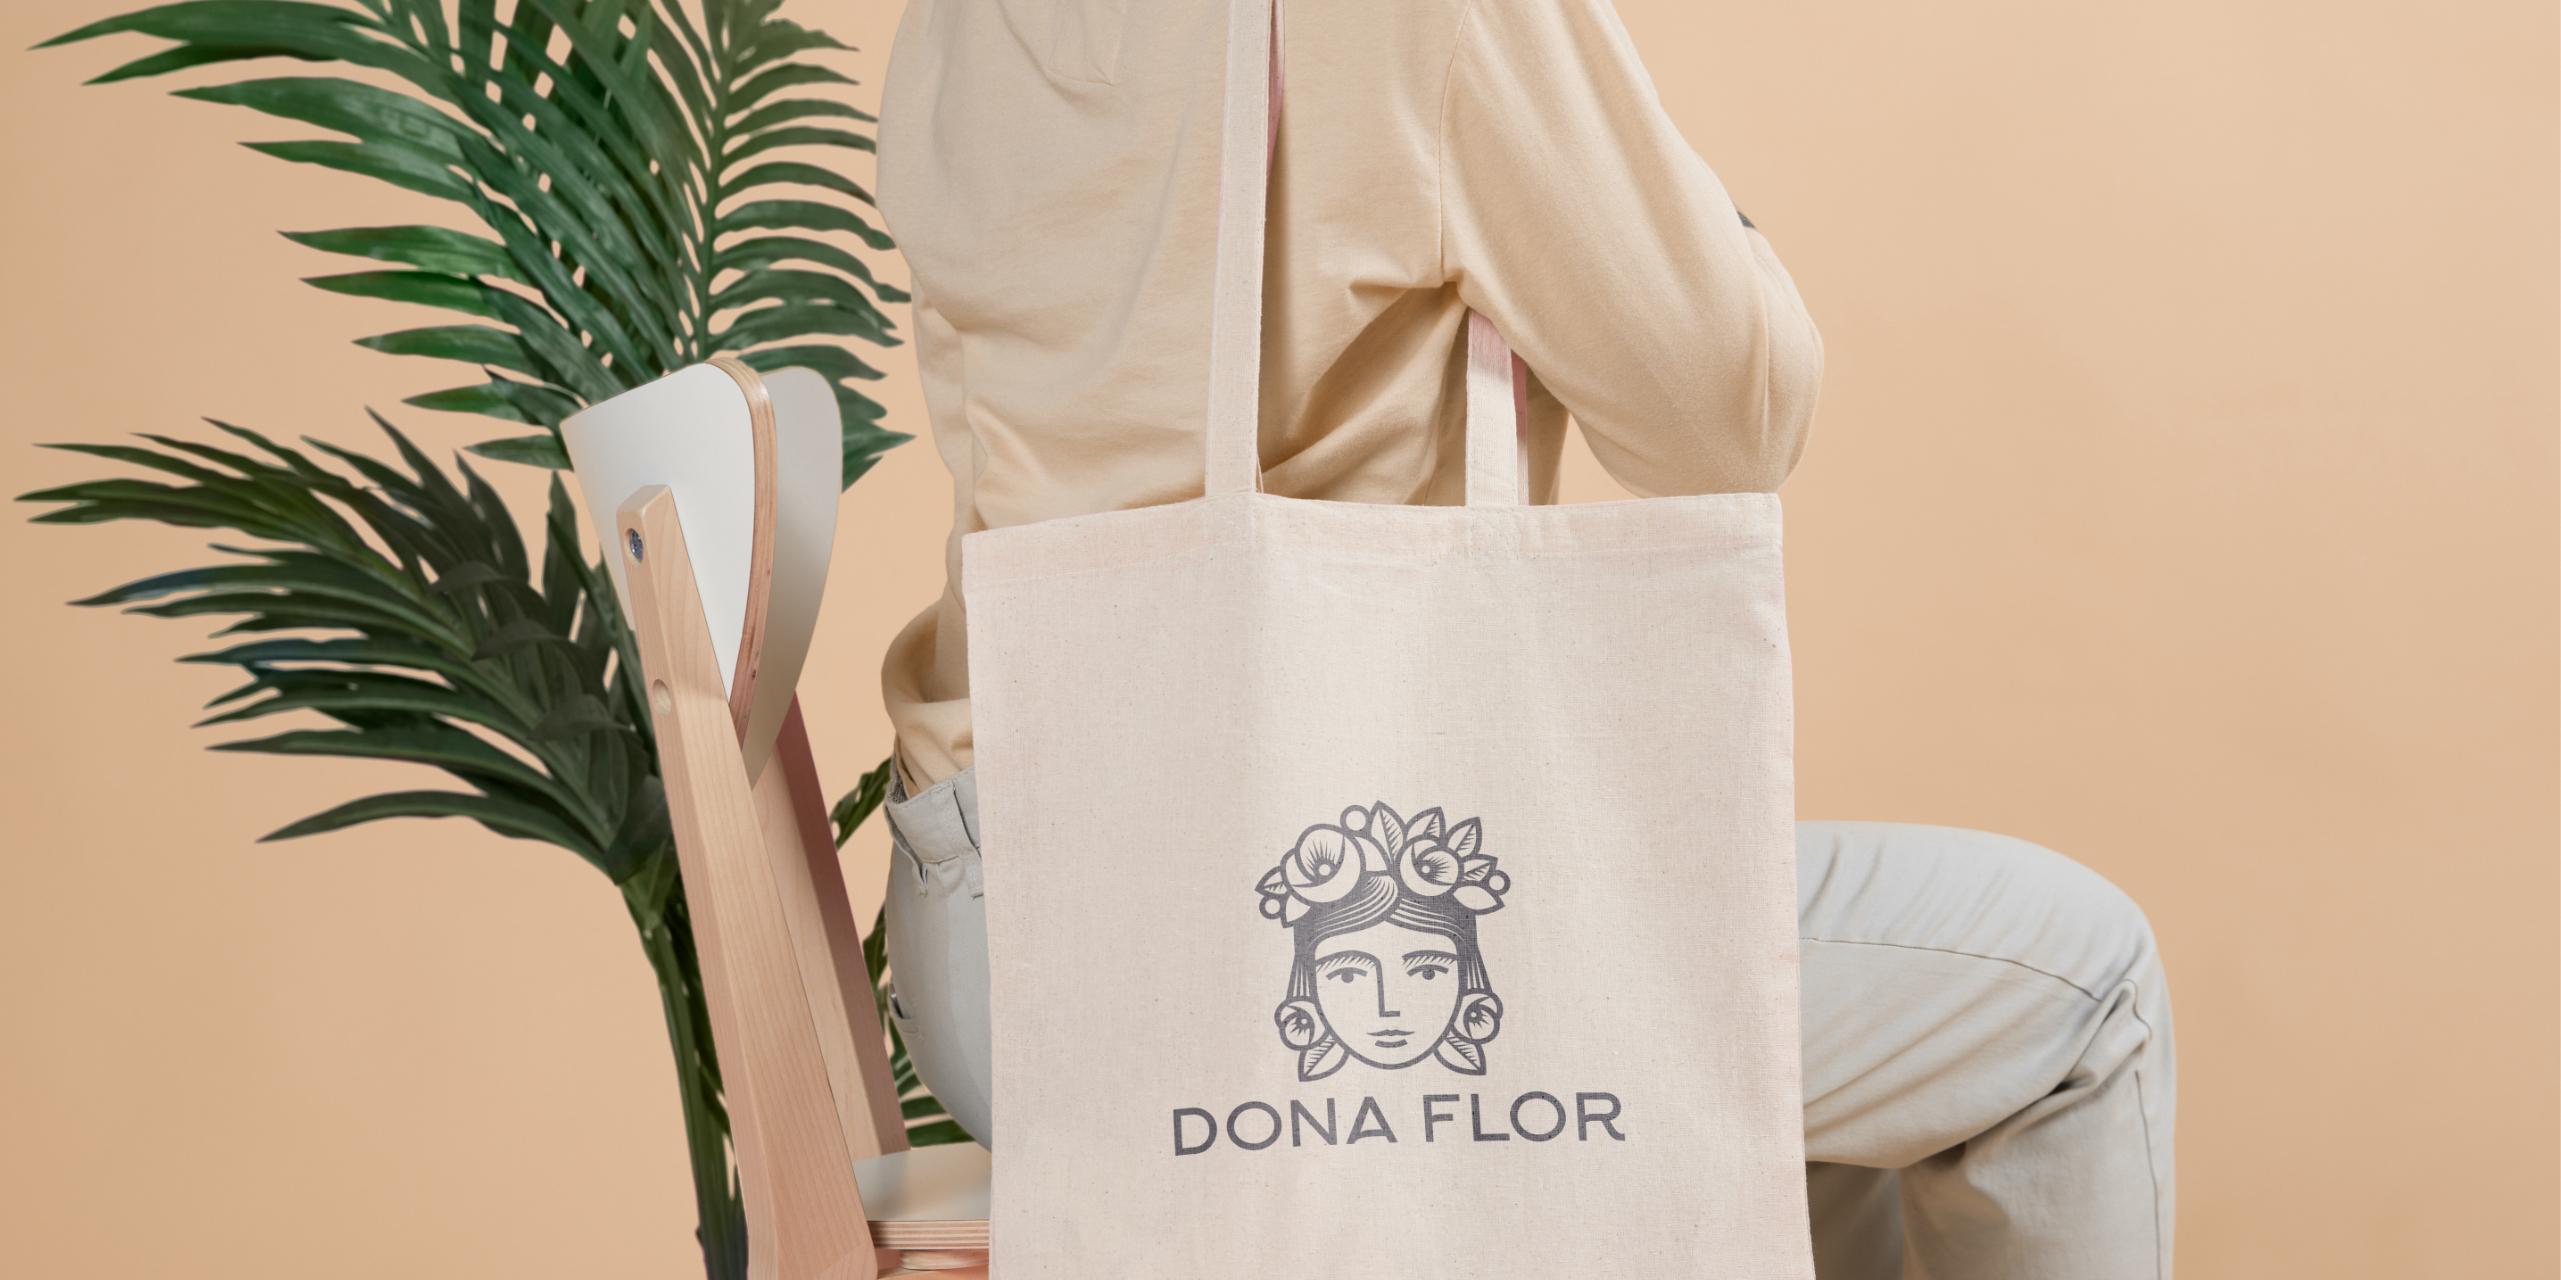 Leinentasche mit dem Logo von Dona Flor